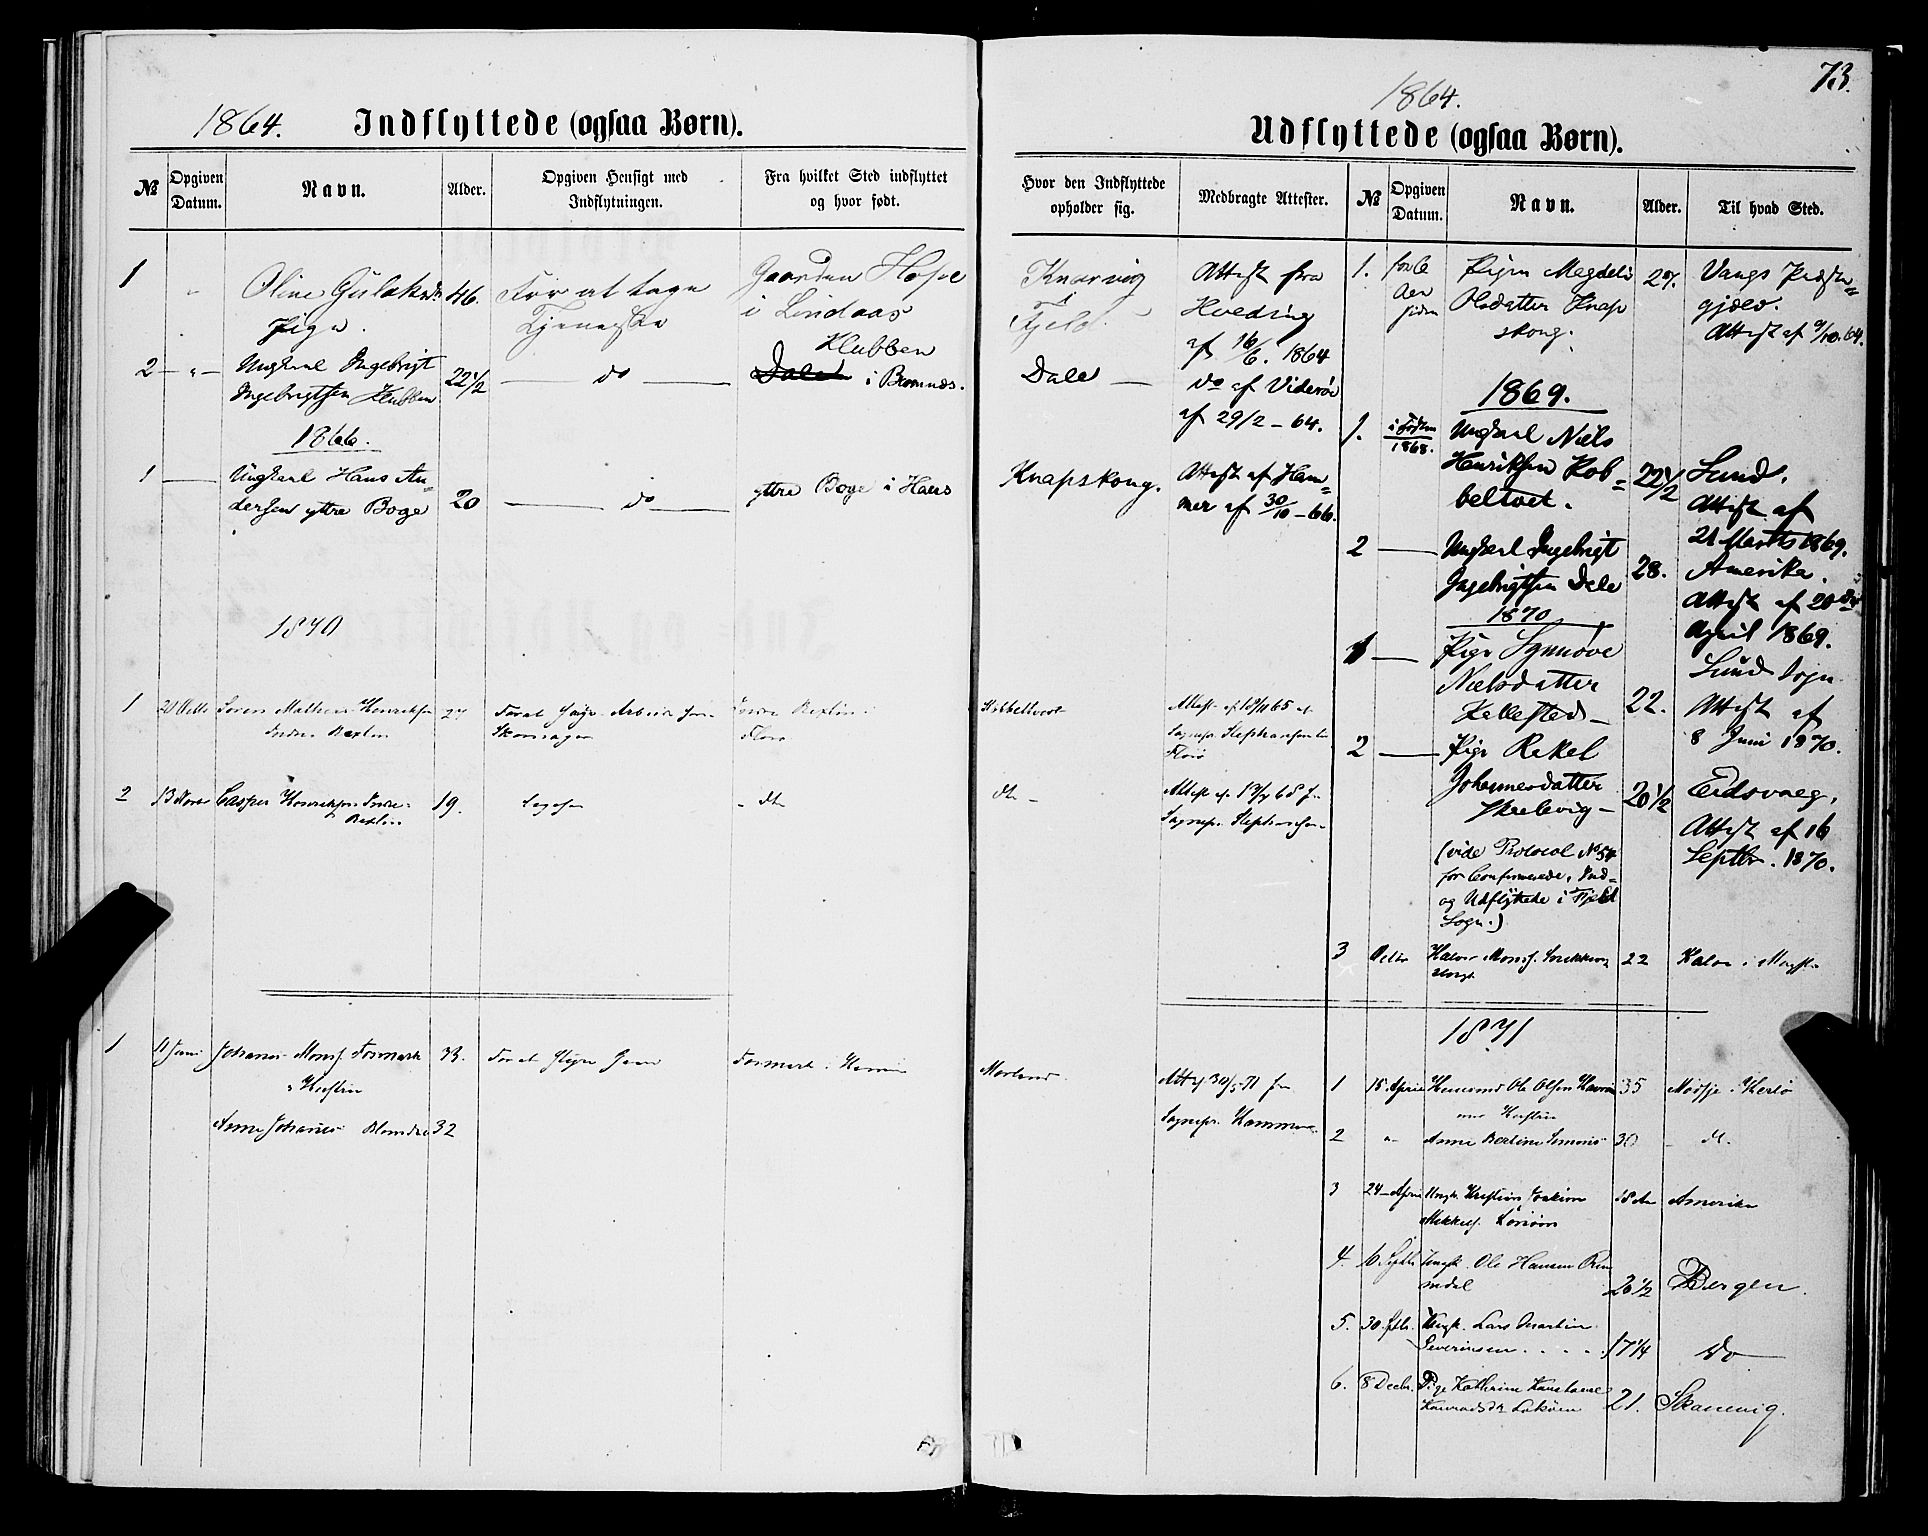 SAB, Fjell sokneprestembete, H/Haa: Ministerialbok nr. A 5, 1864-1877, s. 73